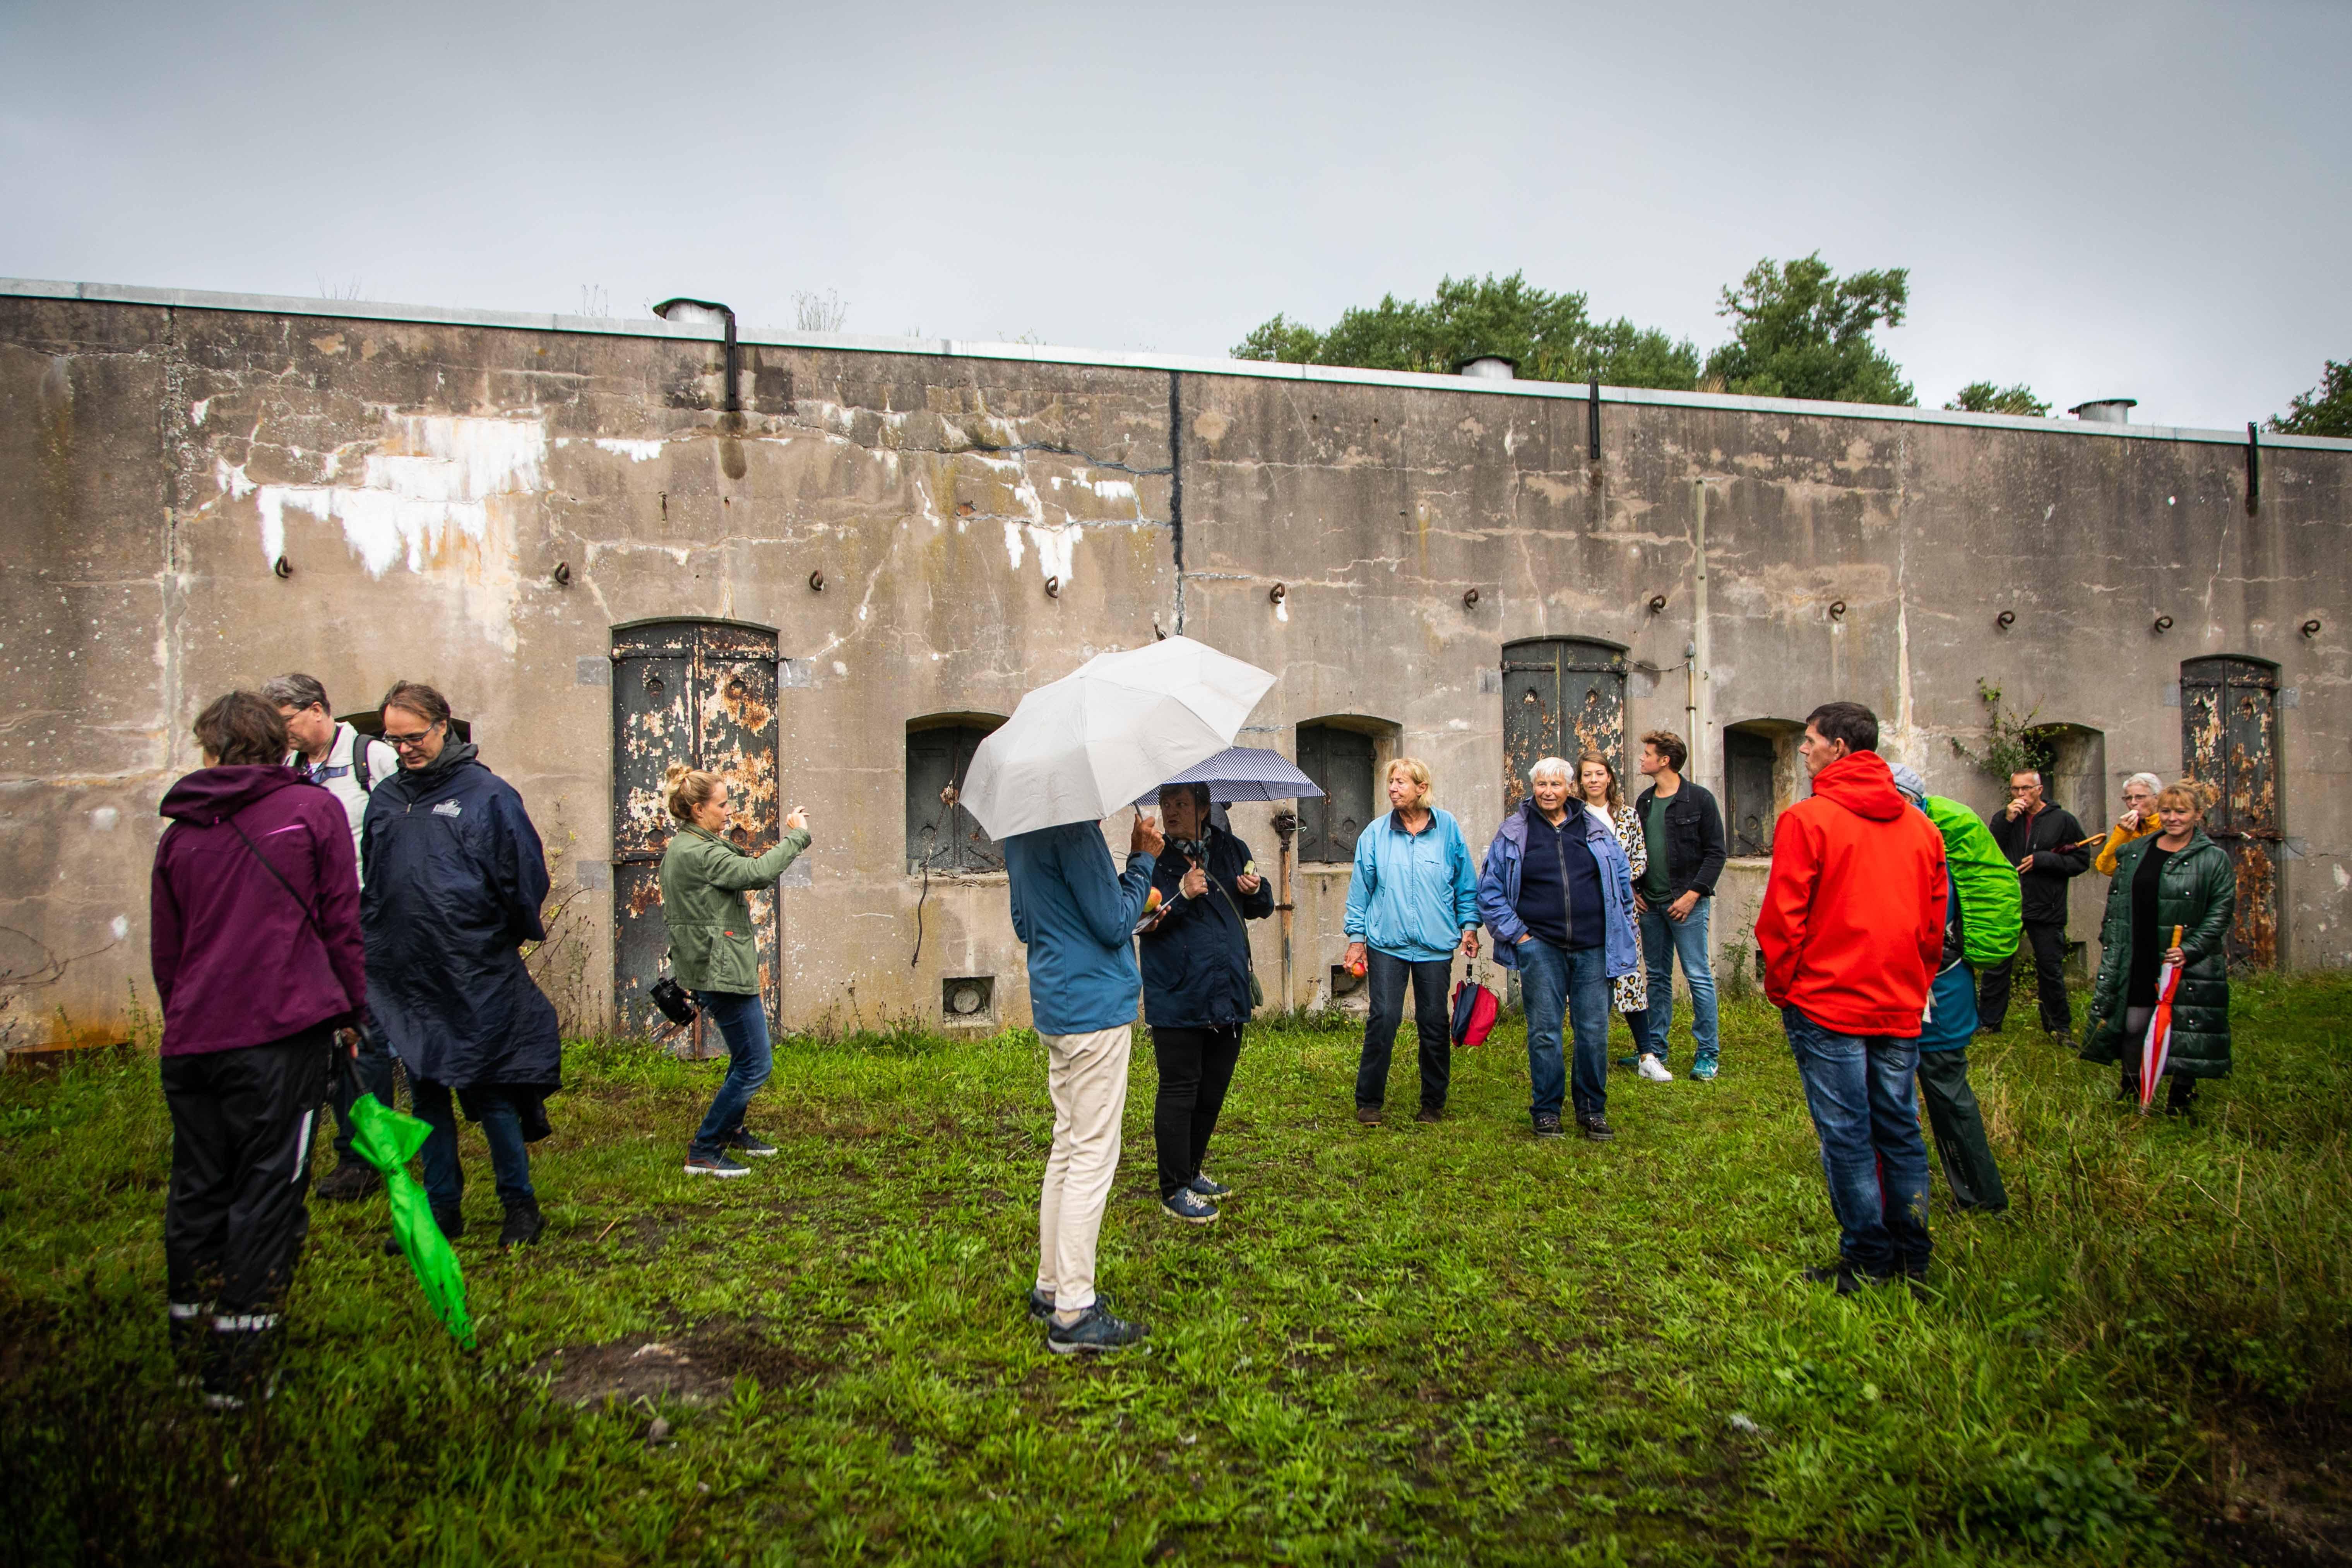 Oorlogserfgoed blijft boeien: honderden bezoekers nemen een kijkje tijdens open dag bij Fort benoorden Spaarndam bij Velserbroek